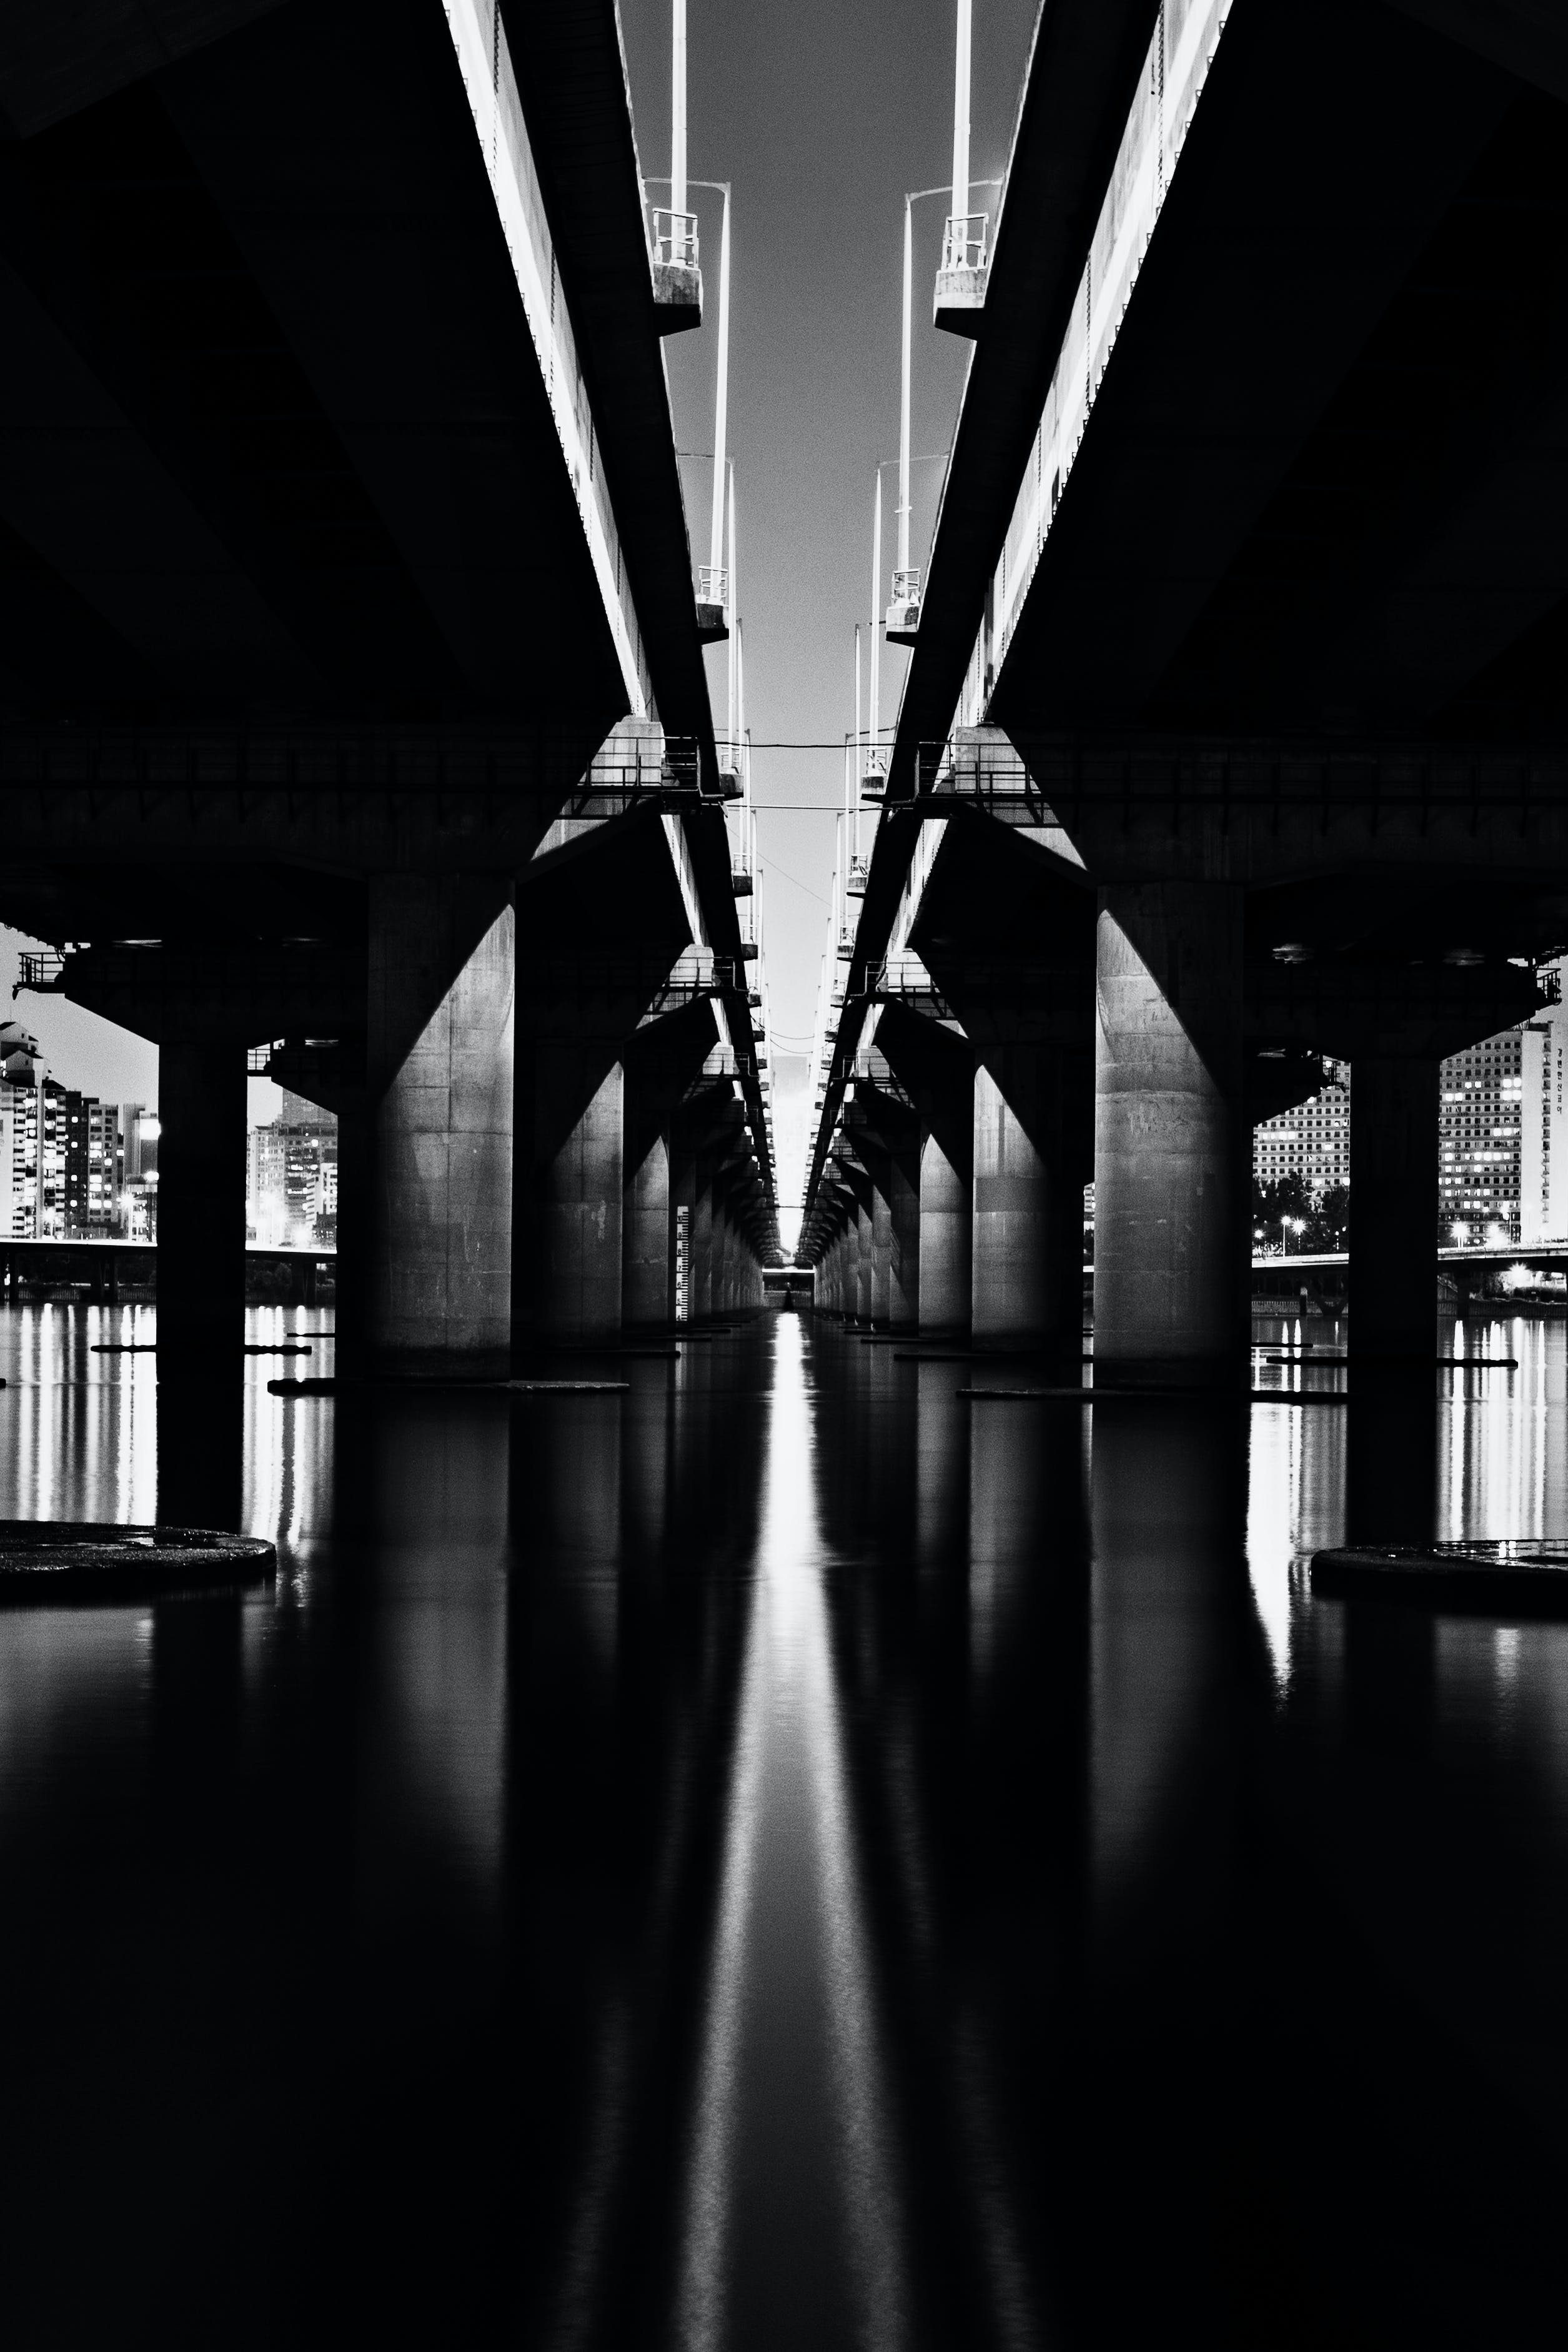 Greyscale Photography of Bridge